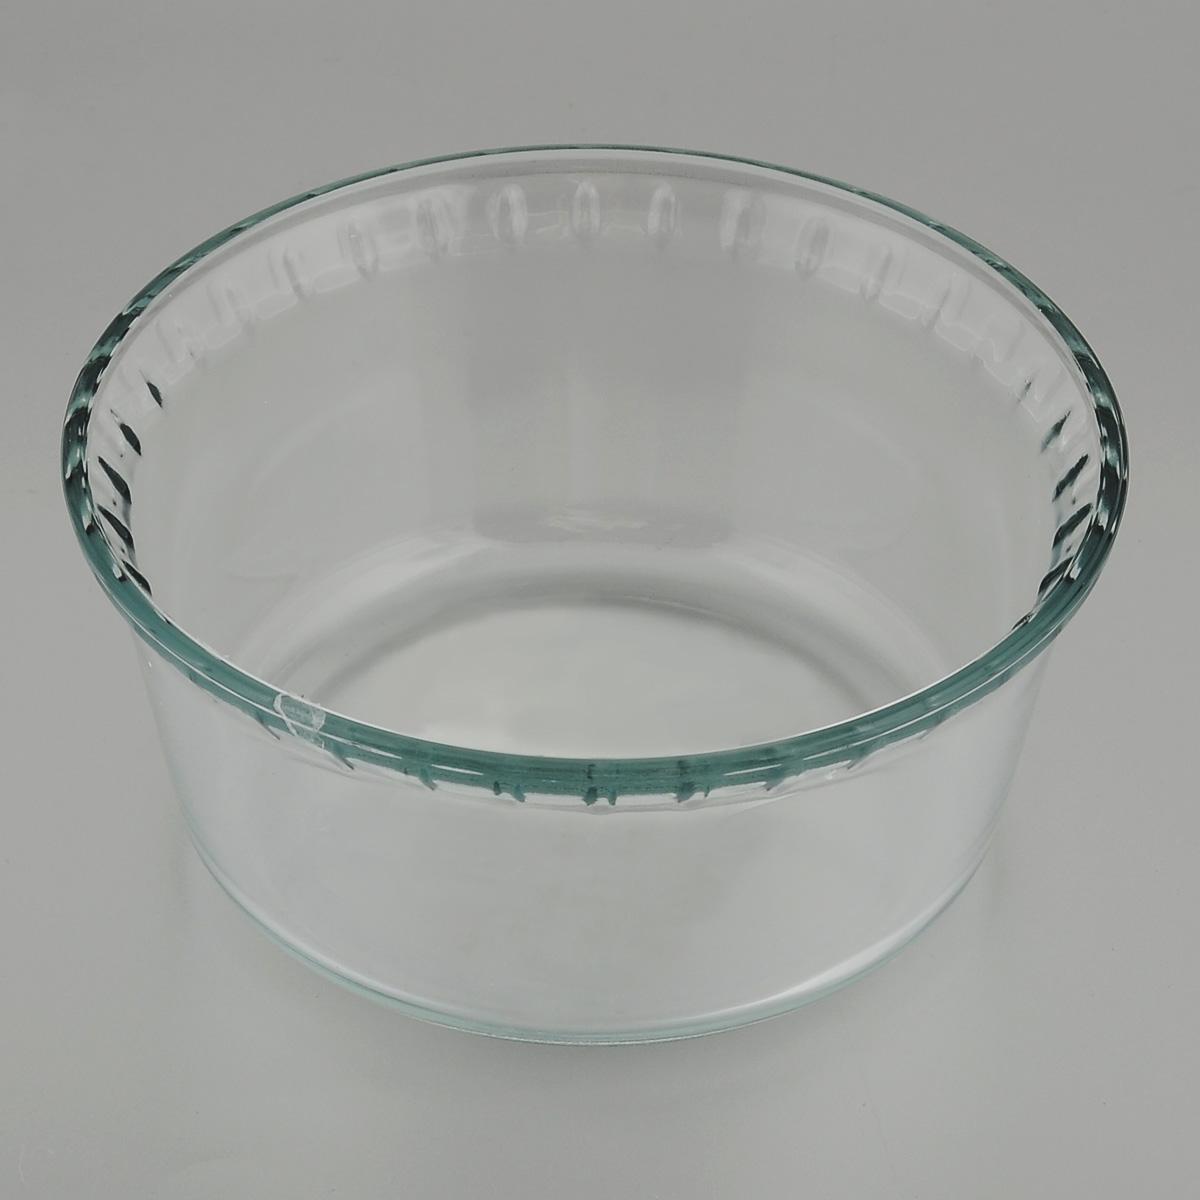 Форма для запекания Mijotex, круглая, диаметр 17 смPL21Глубокая круглая форма для запекания Mijotex изготовлена из жаропрочного стекла, которое выдерживает температуру до +450°С. Форма предназначена для приготовления горячих блюд. Материал изделия гигиеничен, прост в уходе и обладает высокой степенью прочности. Форма идеально подходит для использования в духовках, микроволновых печах, холодильниках и морозильных камерах. Также ее можно использовать на газовых плитах (на слабом огне) и на электроплитах. Можно мыть в посудомоечной машине. Диаметр формы: 17 см. Высота стенки формы: 8 см.